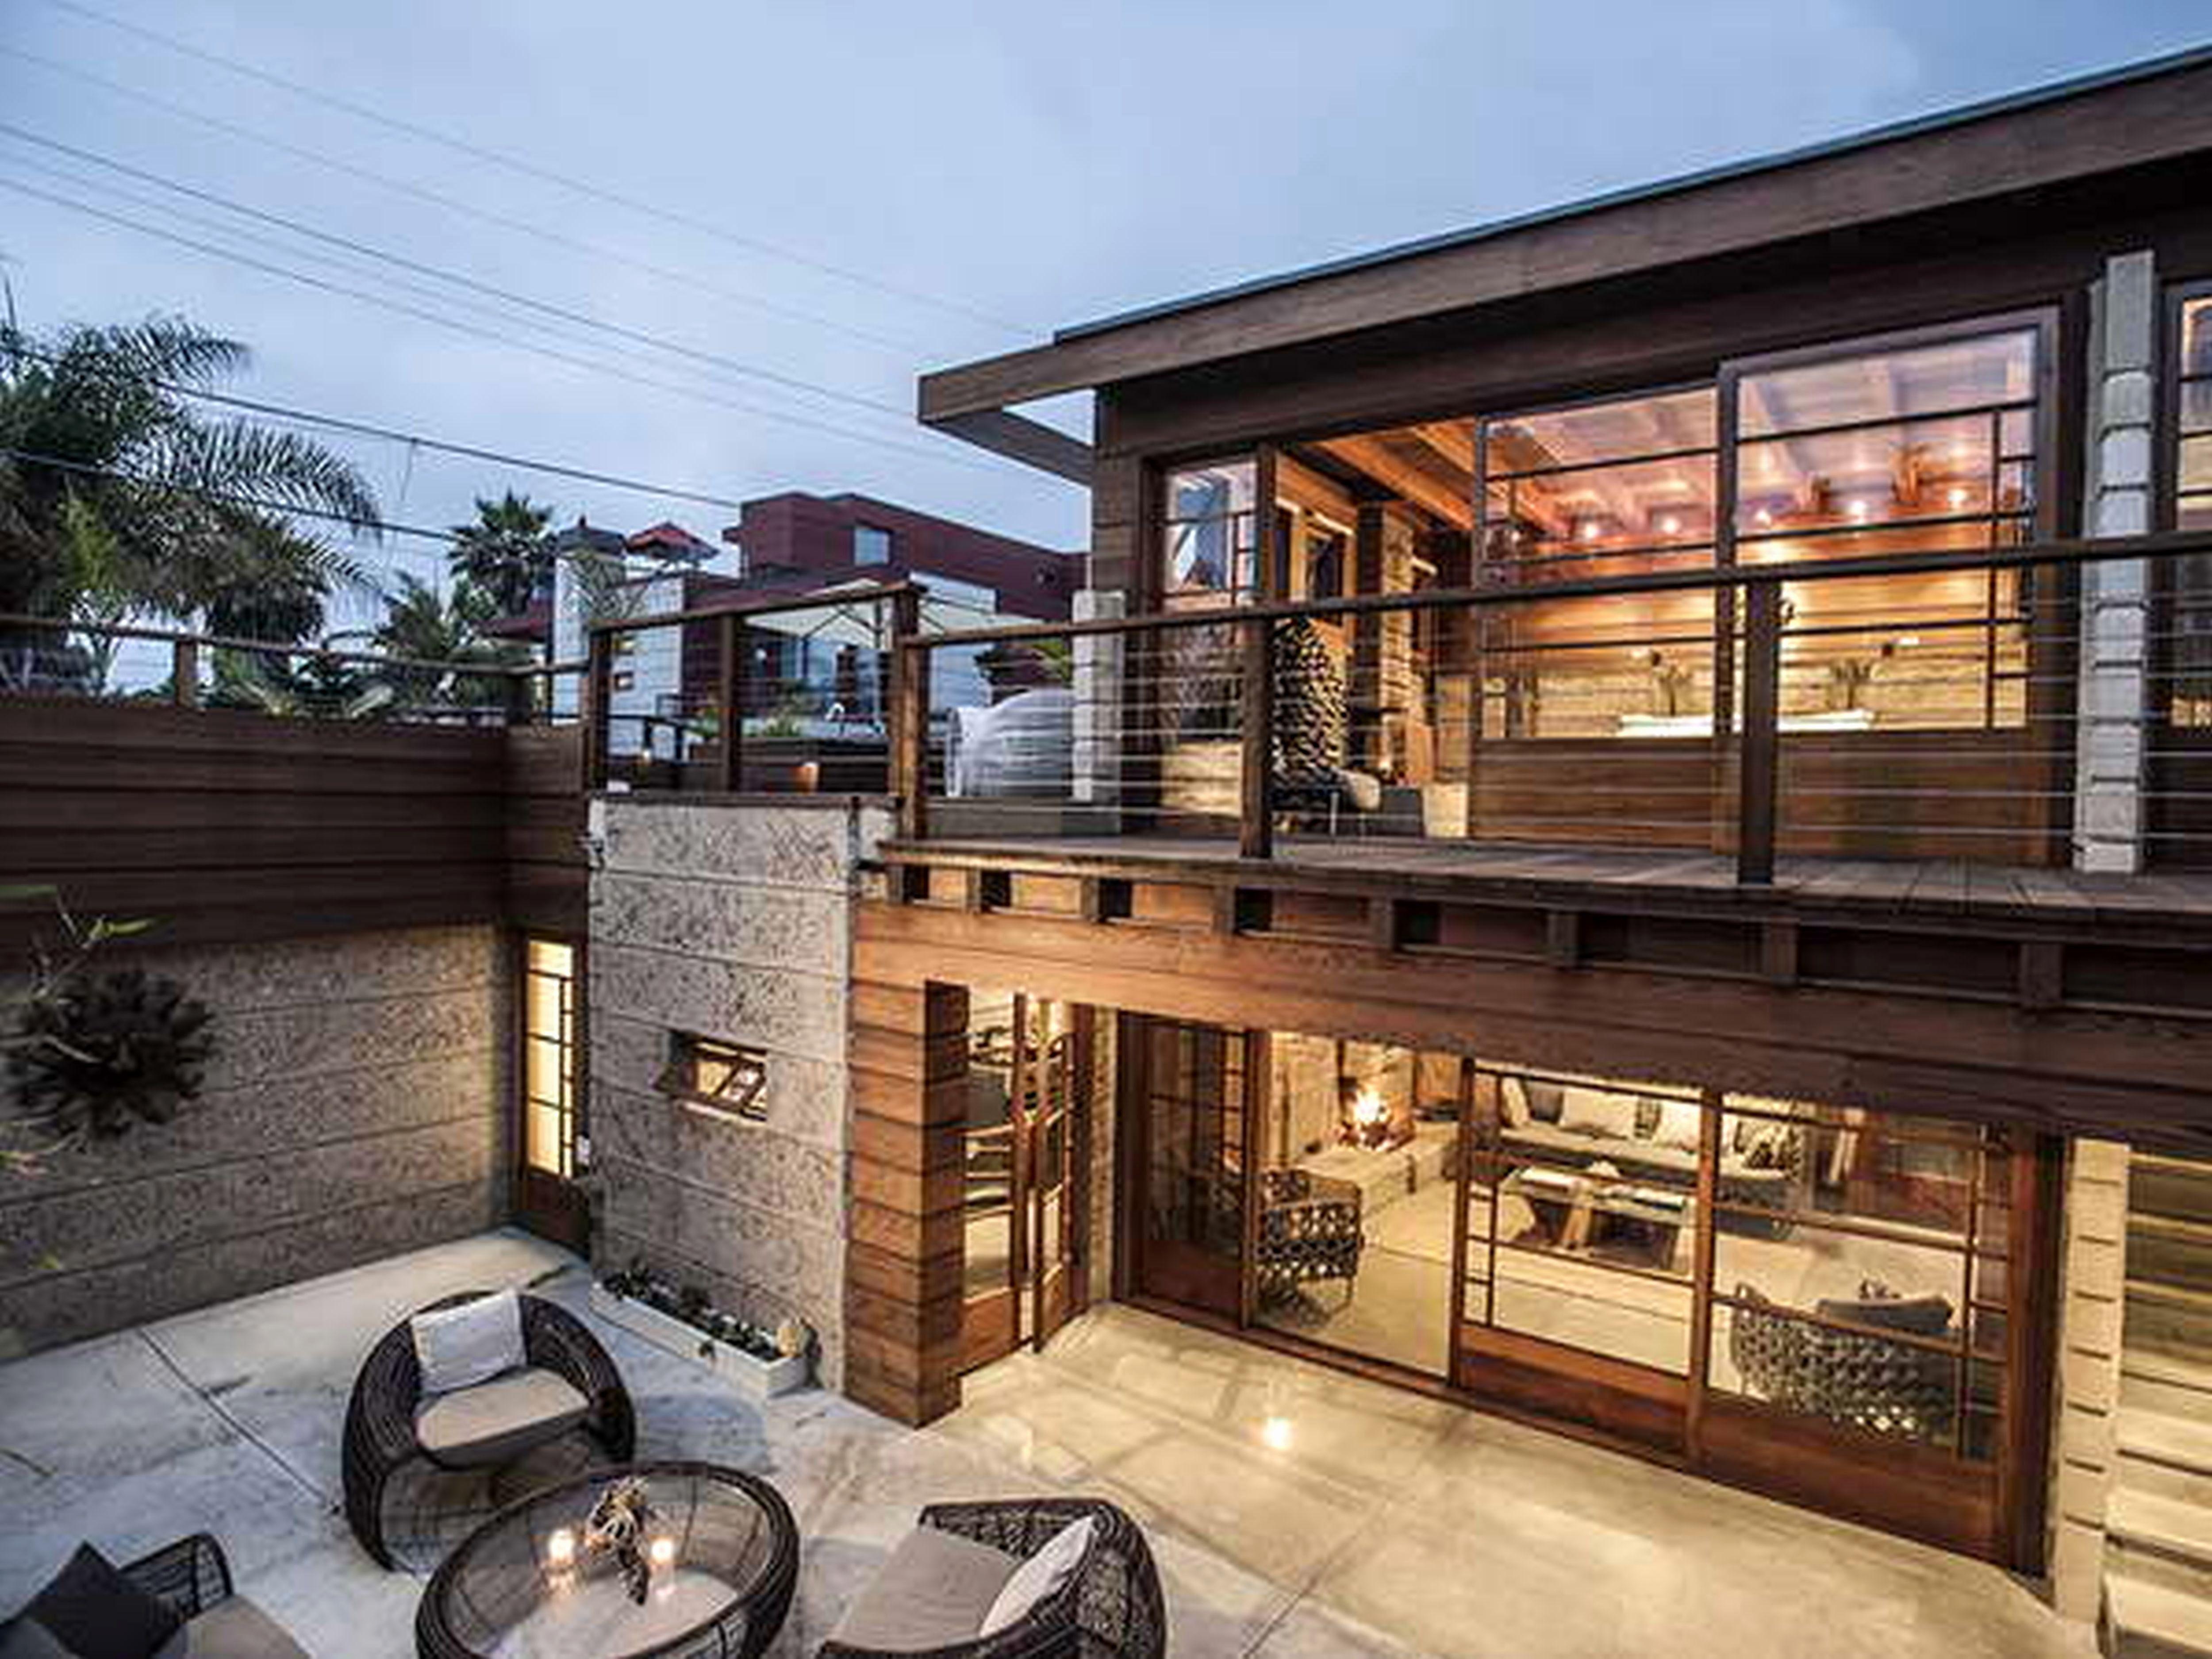 Modern Lake House Plans Rumah Mewah Rumah Desain Rumah